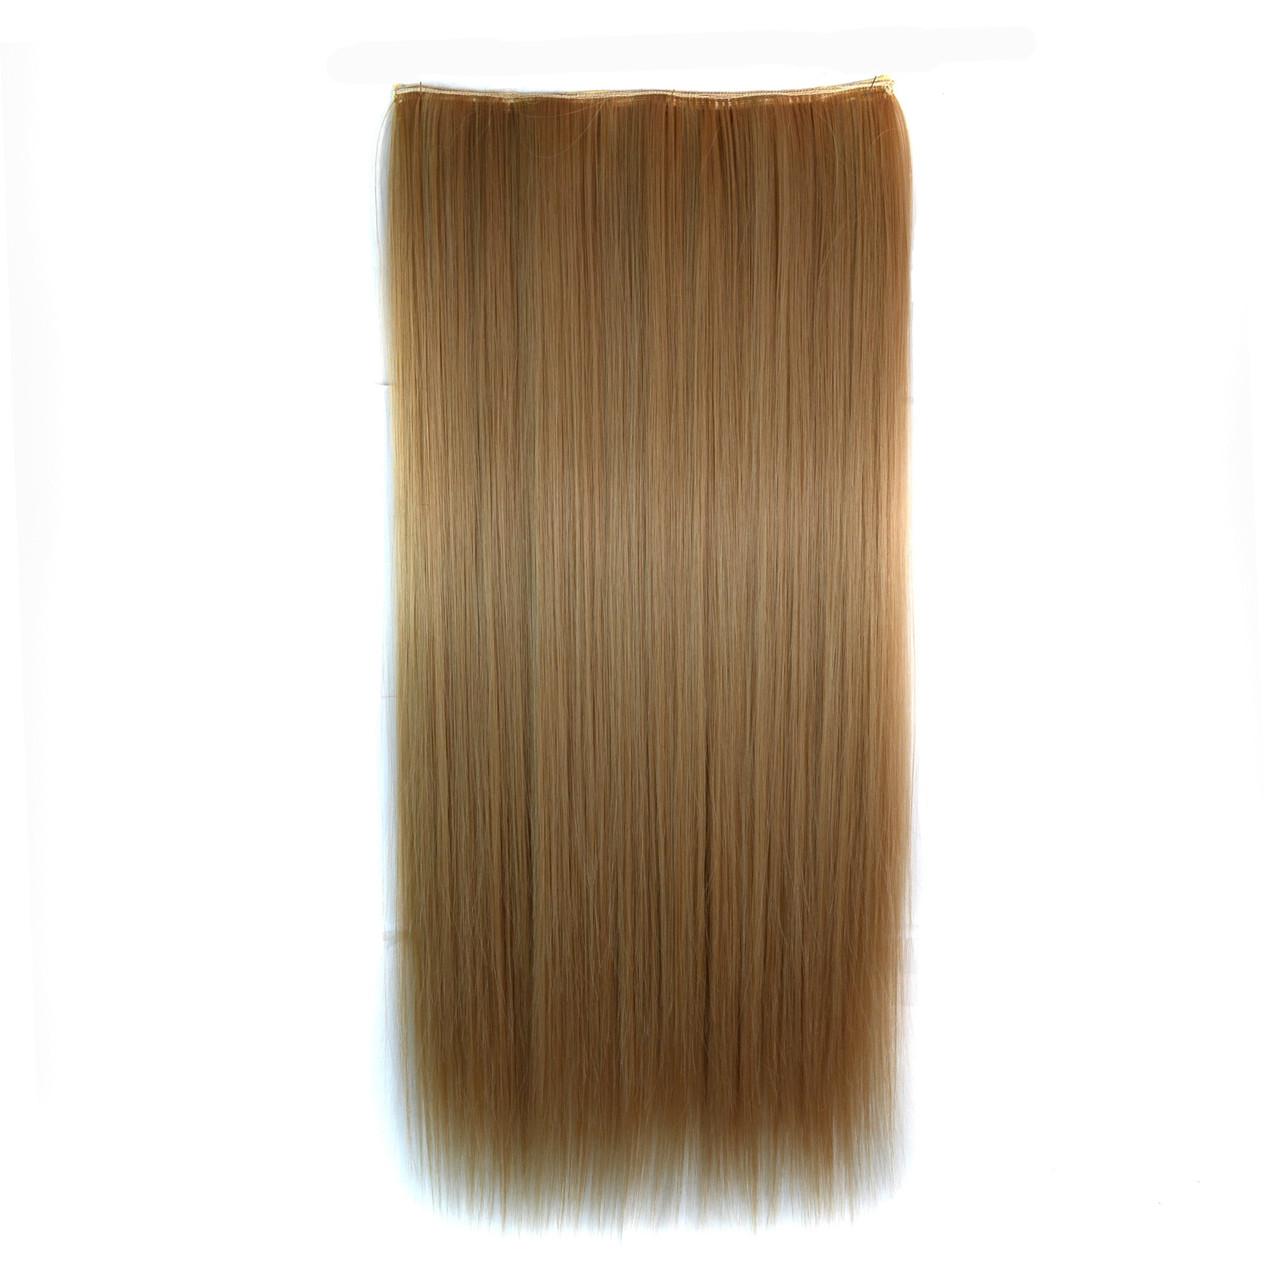 исскуственные волосы интернет магазин: